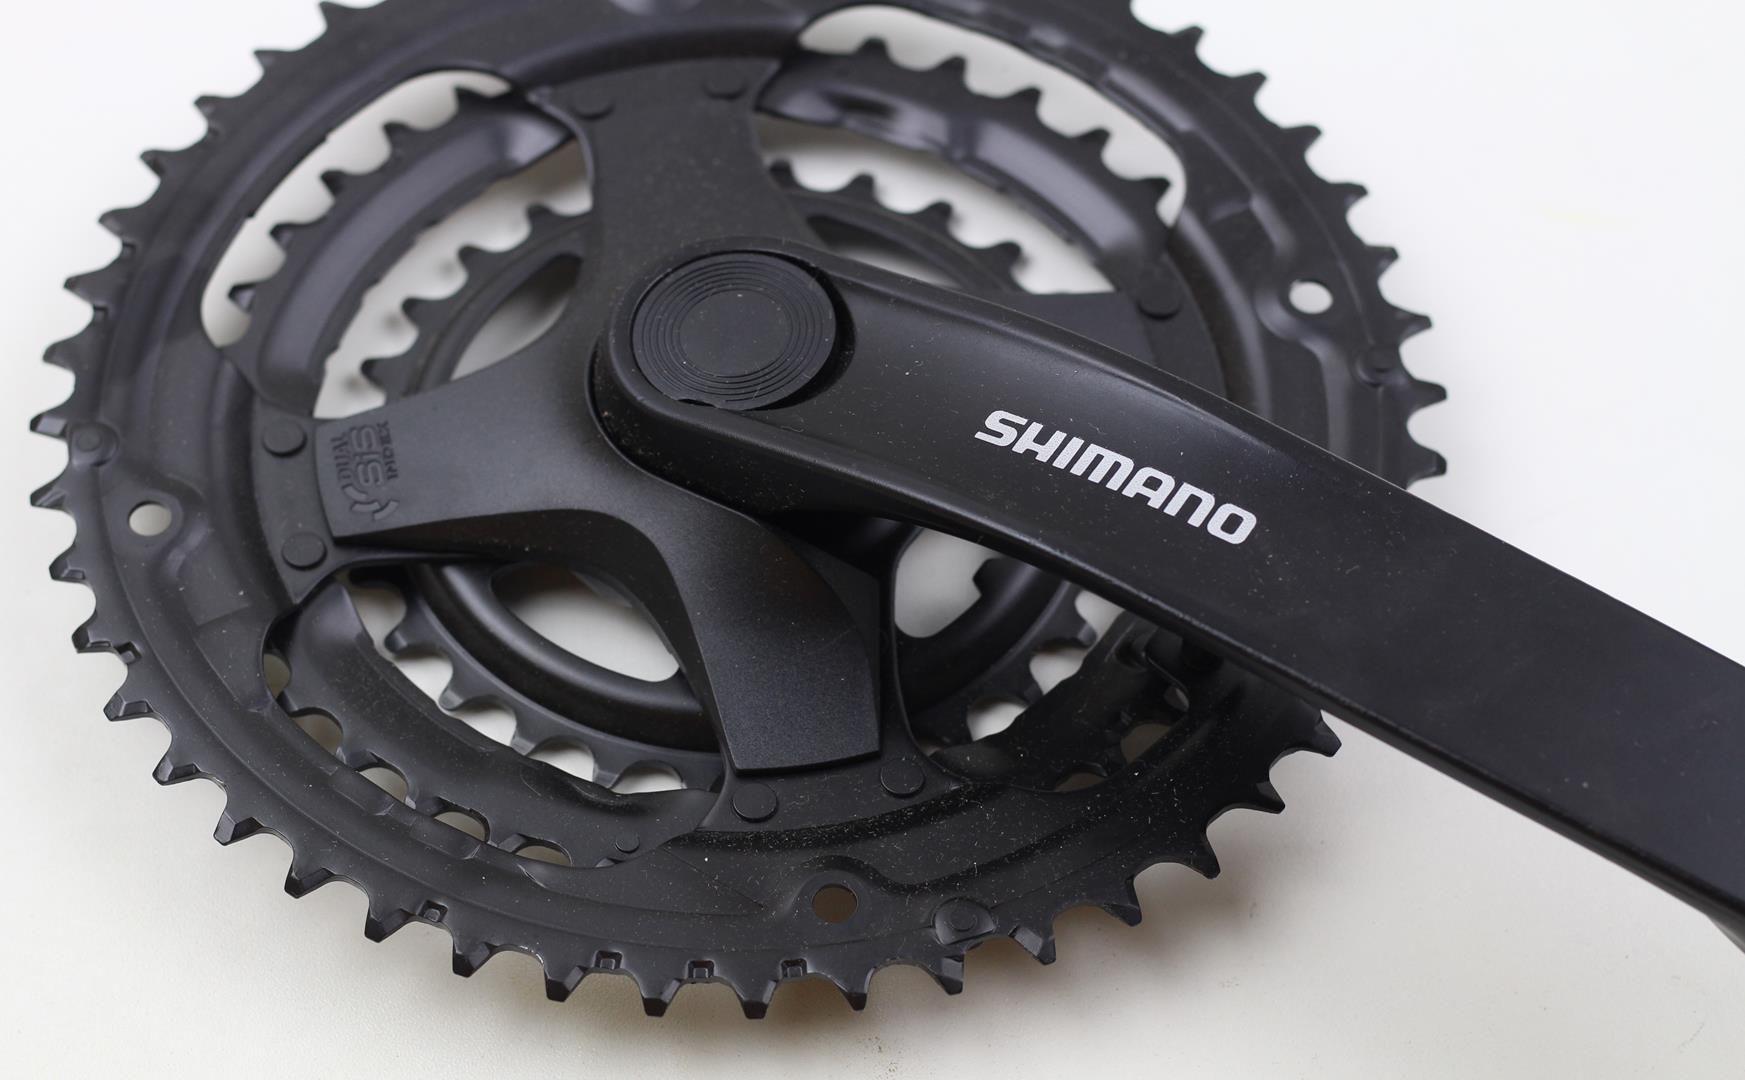 Pedivela Bicicleta Shimano Tourney TY301 6-7-8 velocidades 48-38-28 dentes 170mm Eixo Quadrado